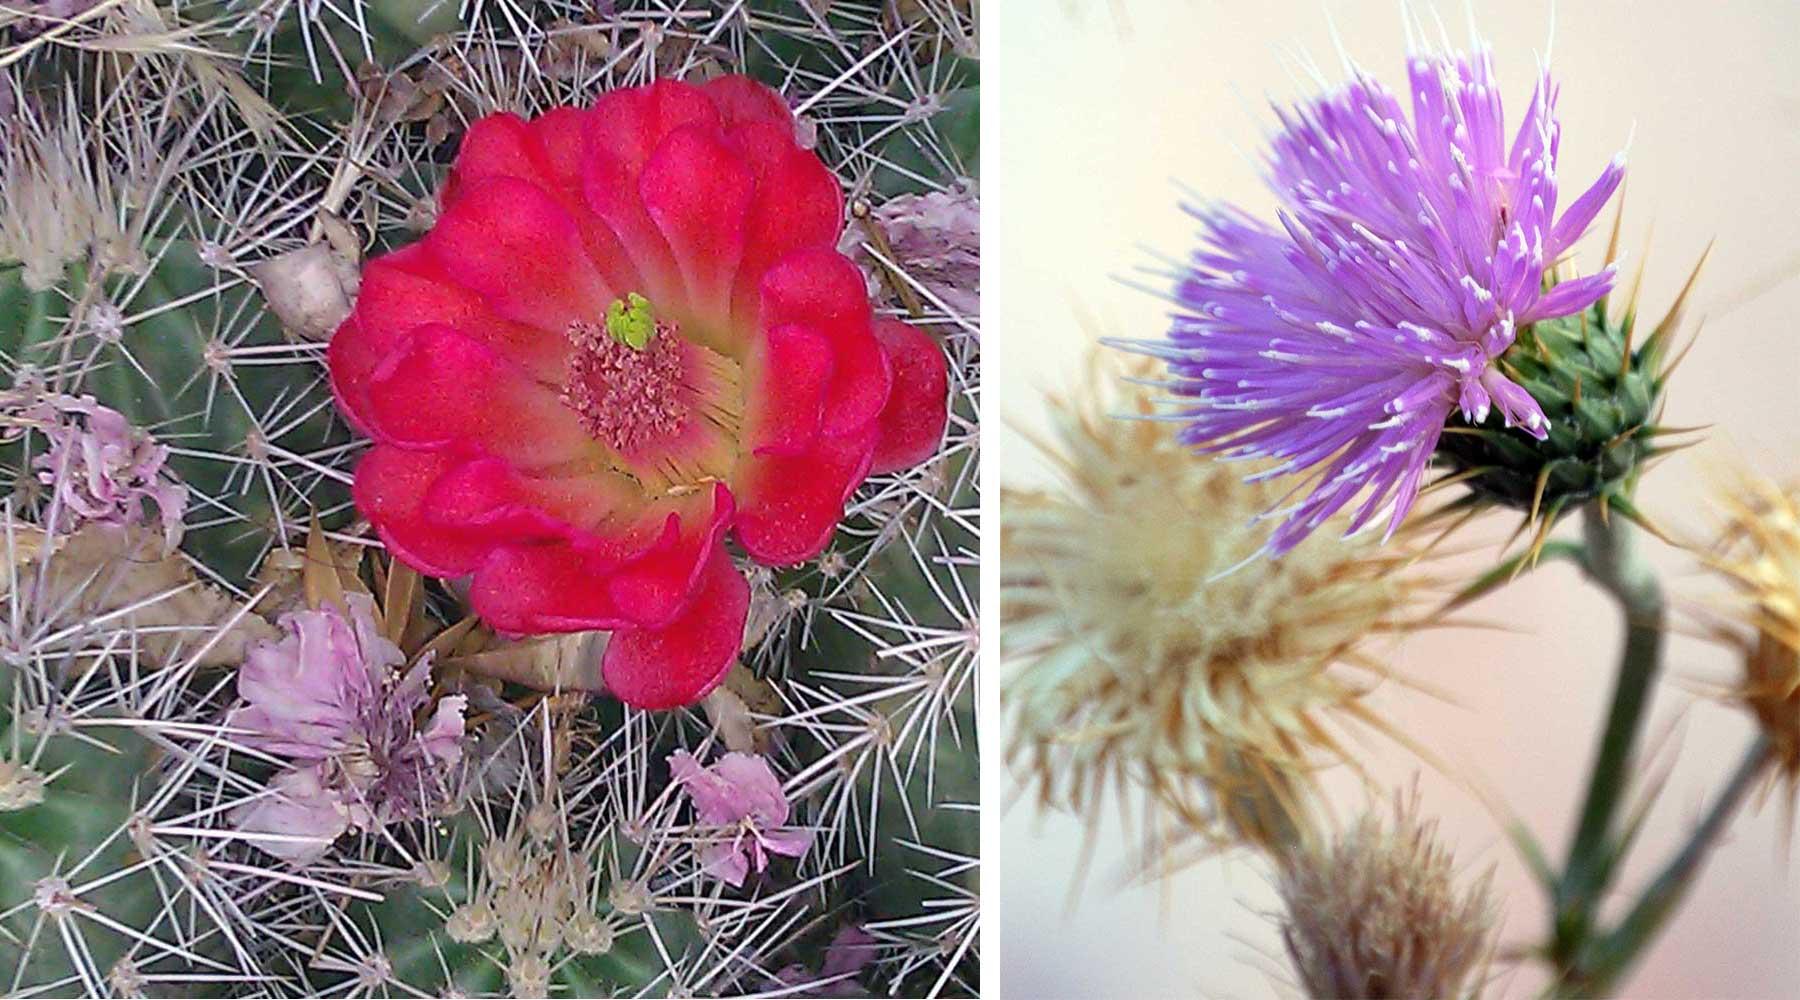 floraison des cactus, Joshua tree, chinook voyages, aventure, randonnée, trek, déserts, ouest américain, death valley en randonnée